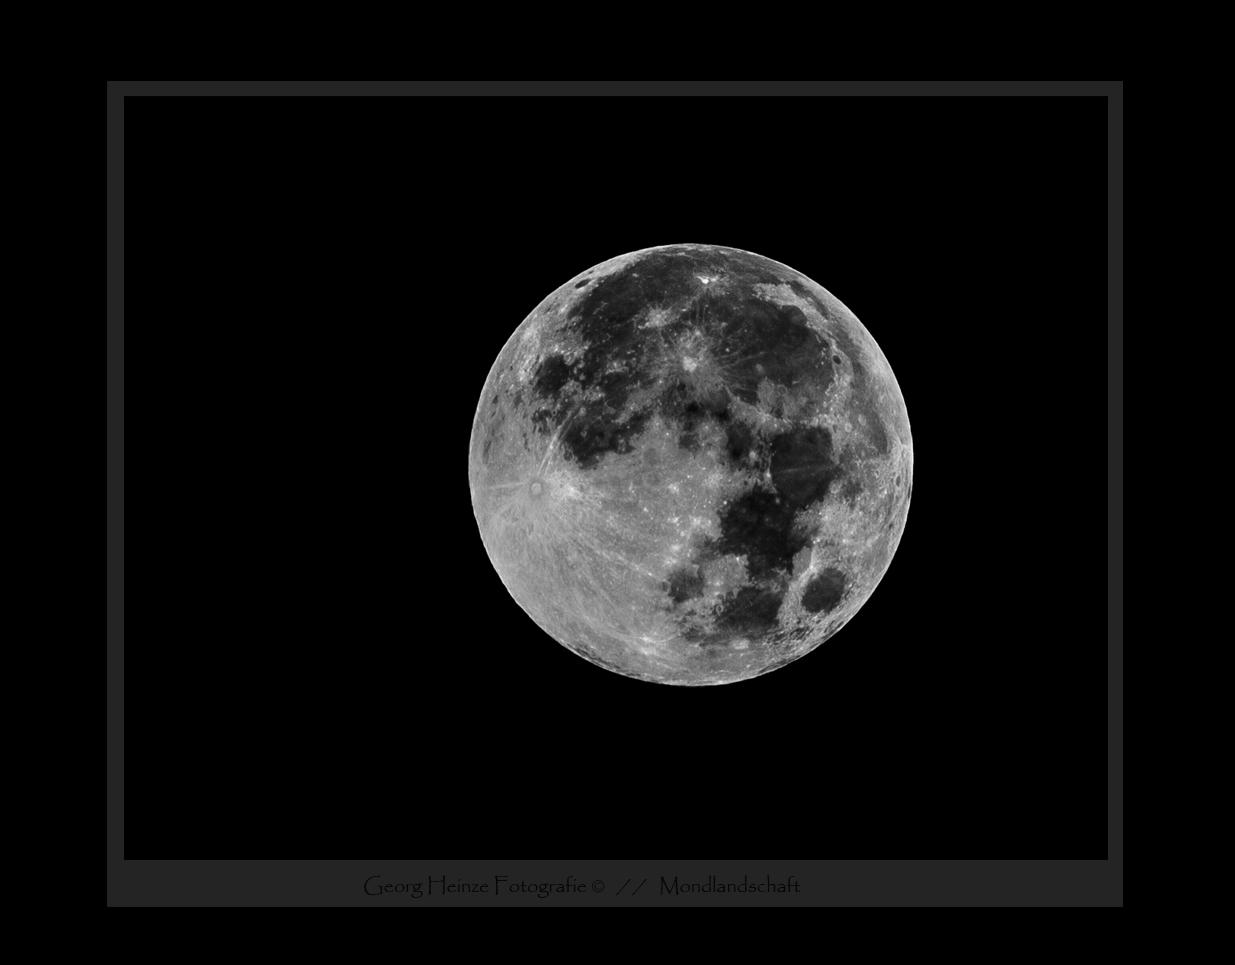 ...Mondlandschaft...